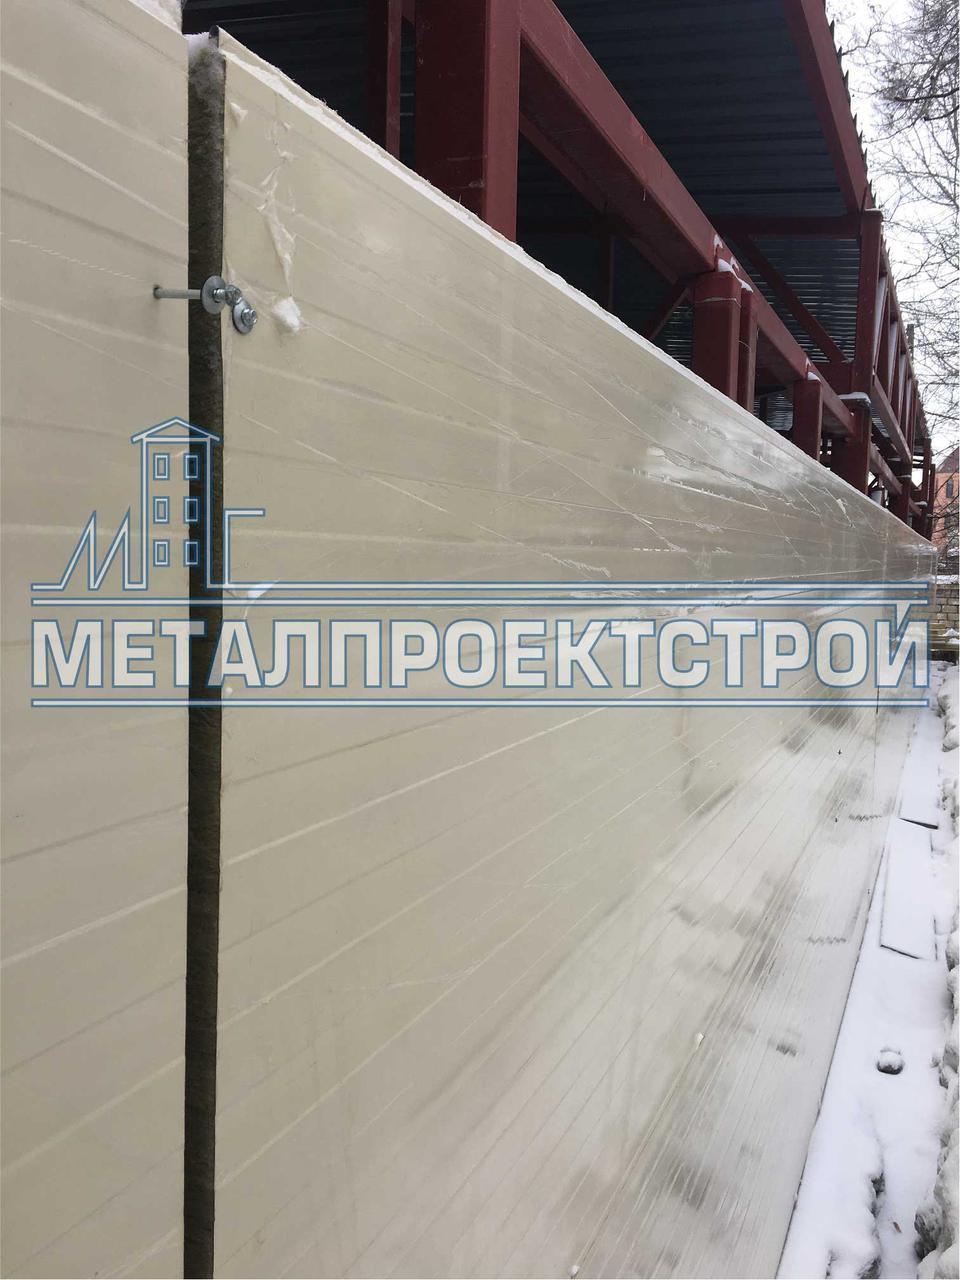 Сэндвич-панель стеновая от 50мм базальтовая, минеральная, негорючая вата